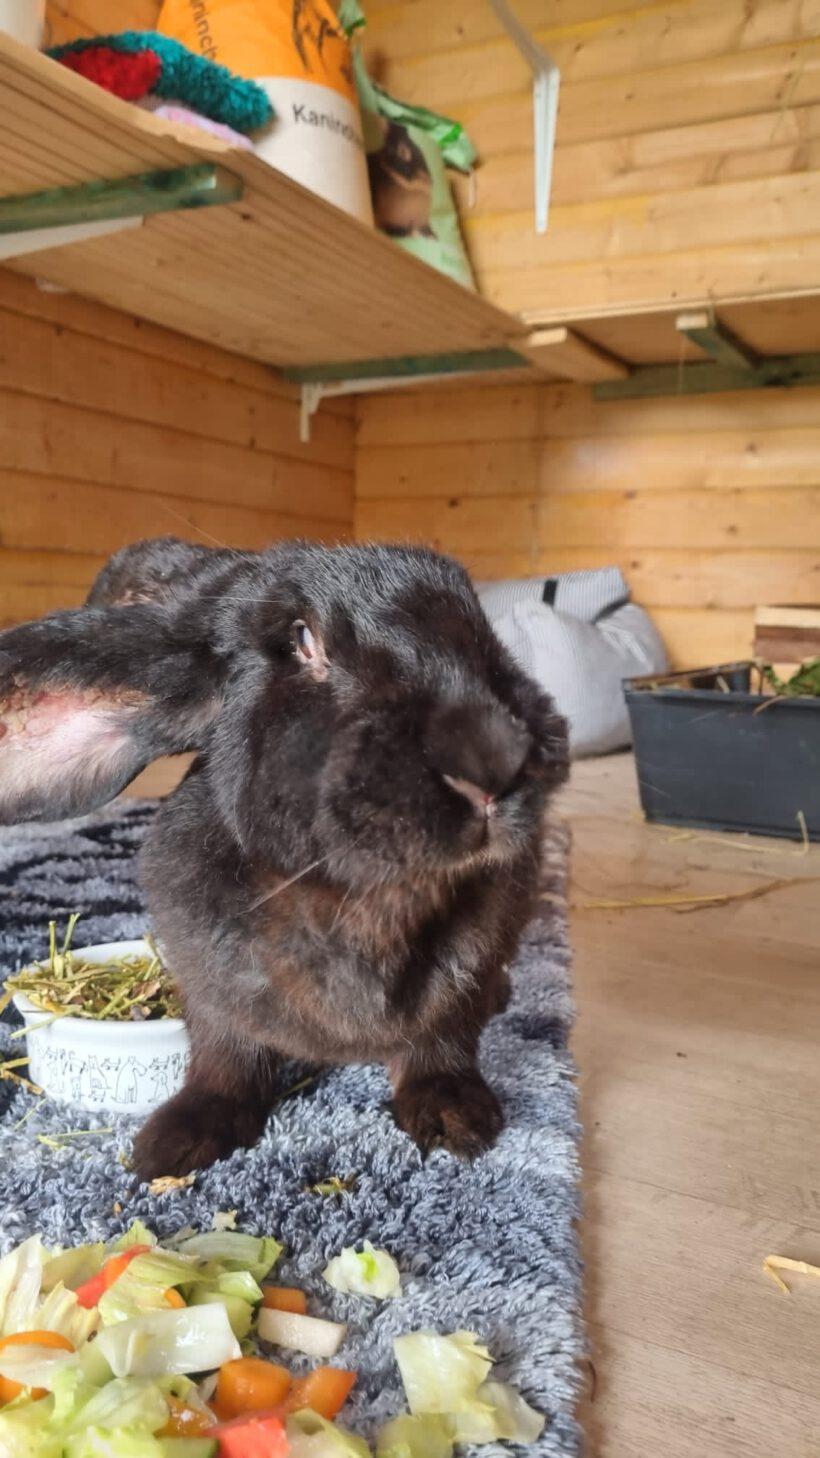 Kaninchen in schlimmem Zustand gefunden